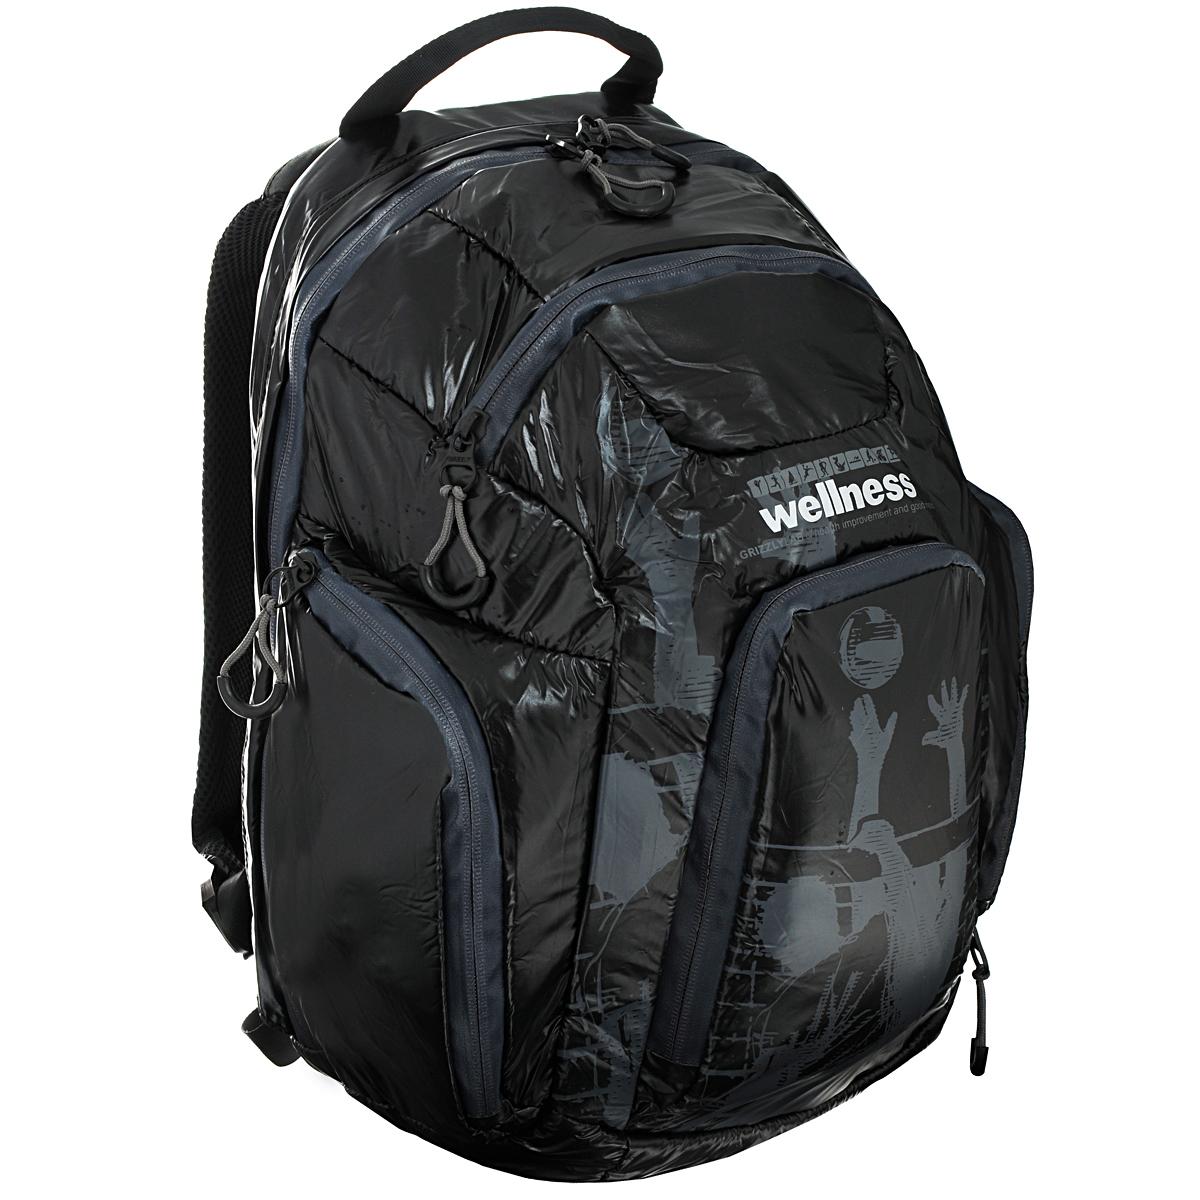 Рюкзак молодежный Grizzly, цвет: черный, серый. RU-417-1RU-417-1 Рюкзак /2 черный - серыйСтильный молодежный рюкзак Grizzly выполнен из нейлона черного цвета и оформлен оригинальным принтом. Рюкзак оснащен одним большим отделением, закрывающимся на застежку-молнию. На передней стенке расположено 2 кармана, закрывающихся на застежки-молнии. По бокам 2 объемных кармана с застежками-молниями. Внутри расположен карман. Рюкзак оснащен лямками, мягкой спинкой и текстильной ручкой для удобной переноски.